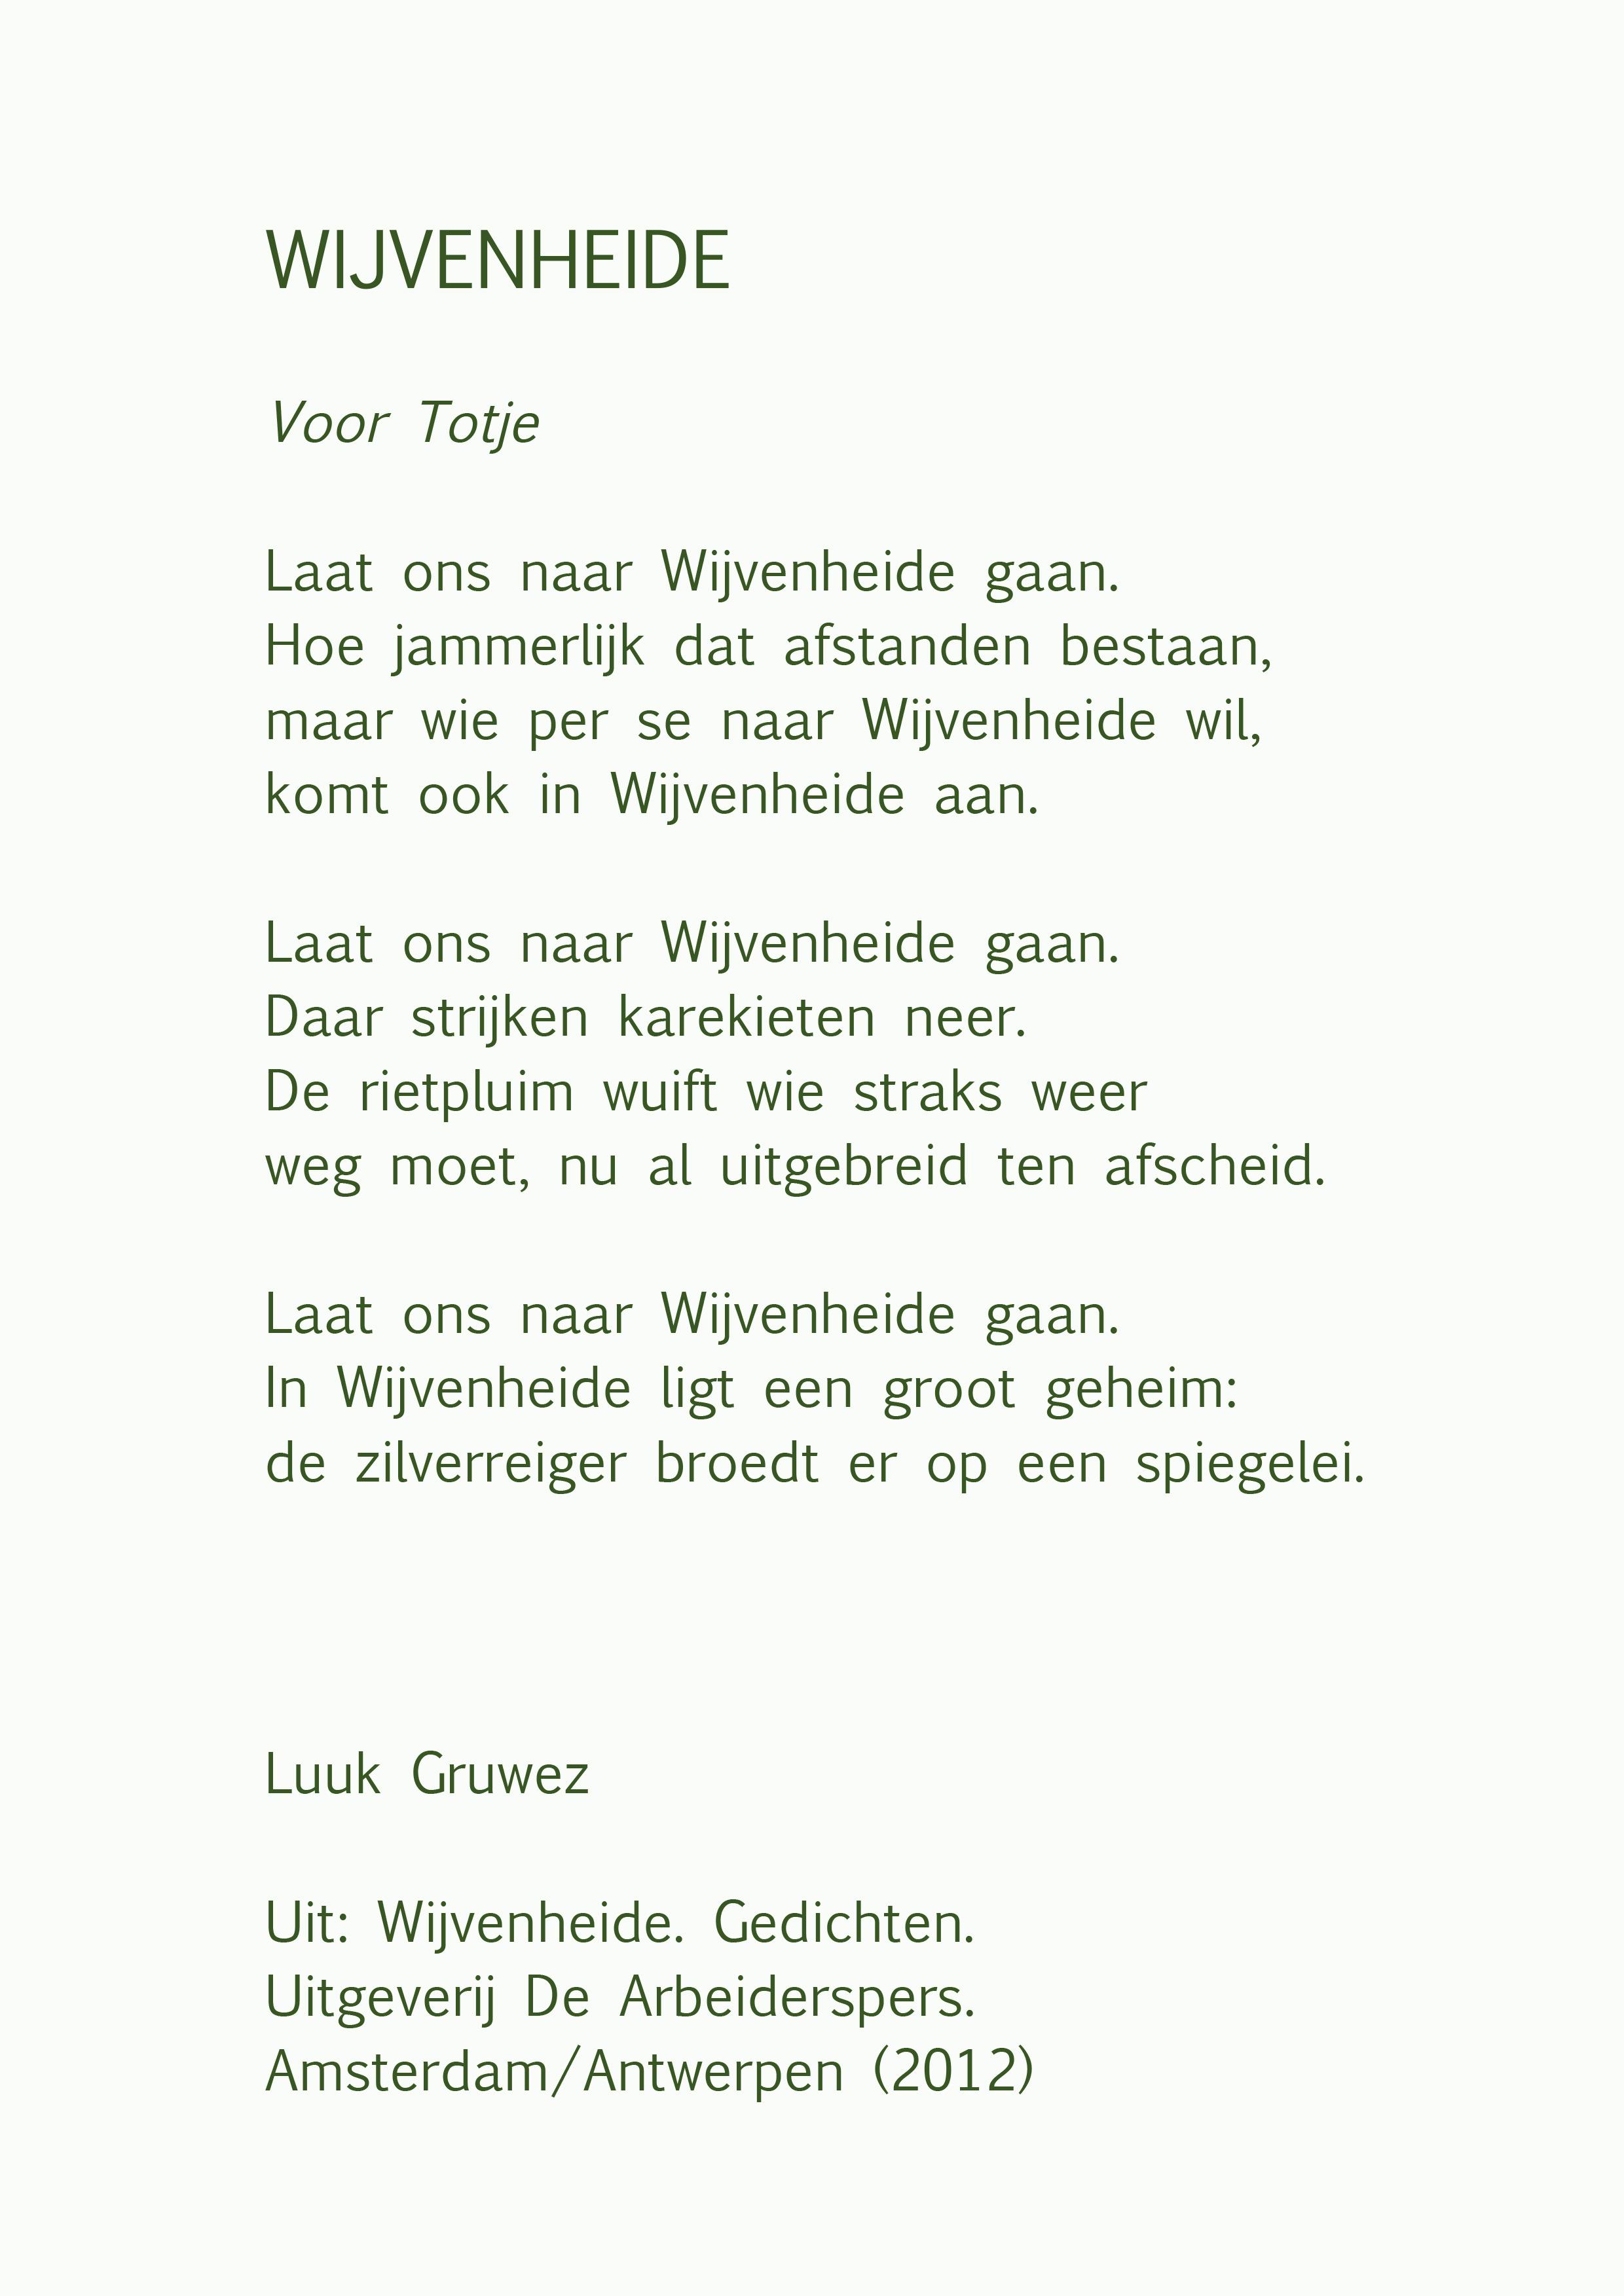 Genoeg Poëzie-Bankje' gedicht van de week @SR07